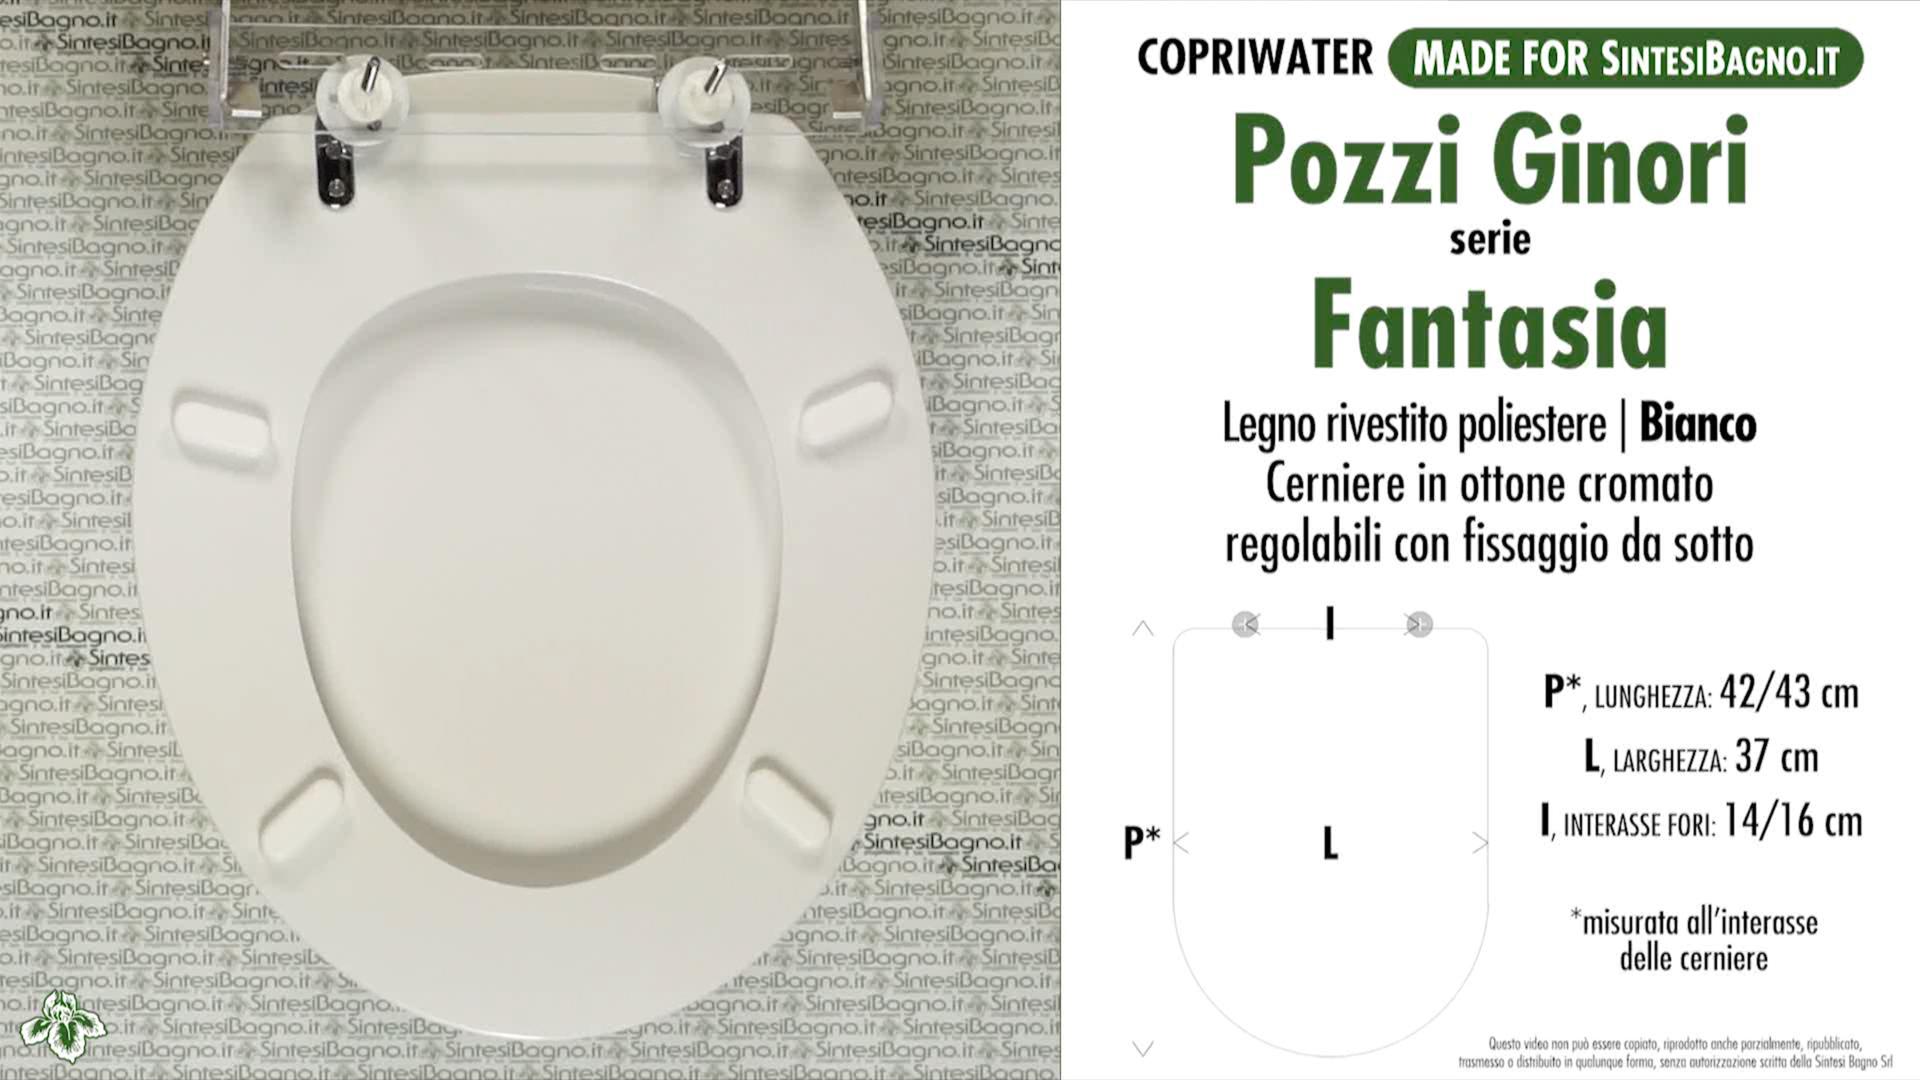 WC Seat SintesiBagno MADE for Pozzi Ginori WC FANTASIAseries ...